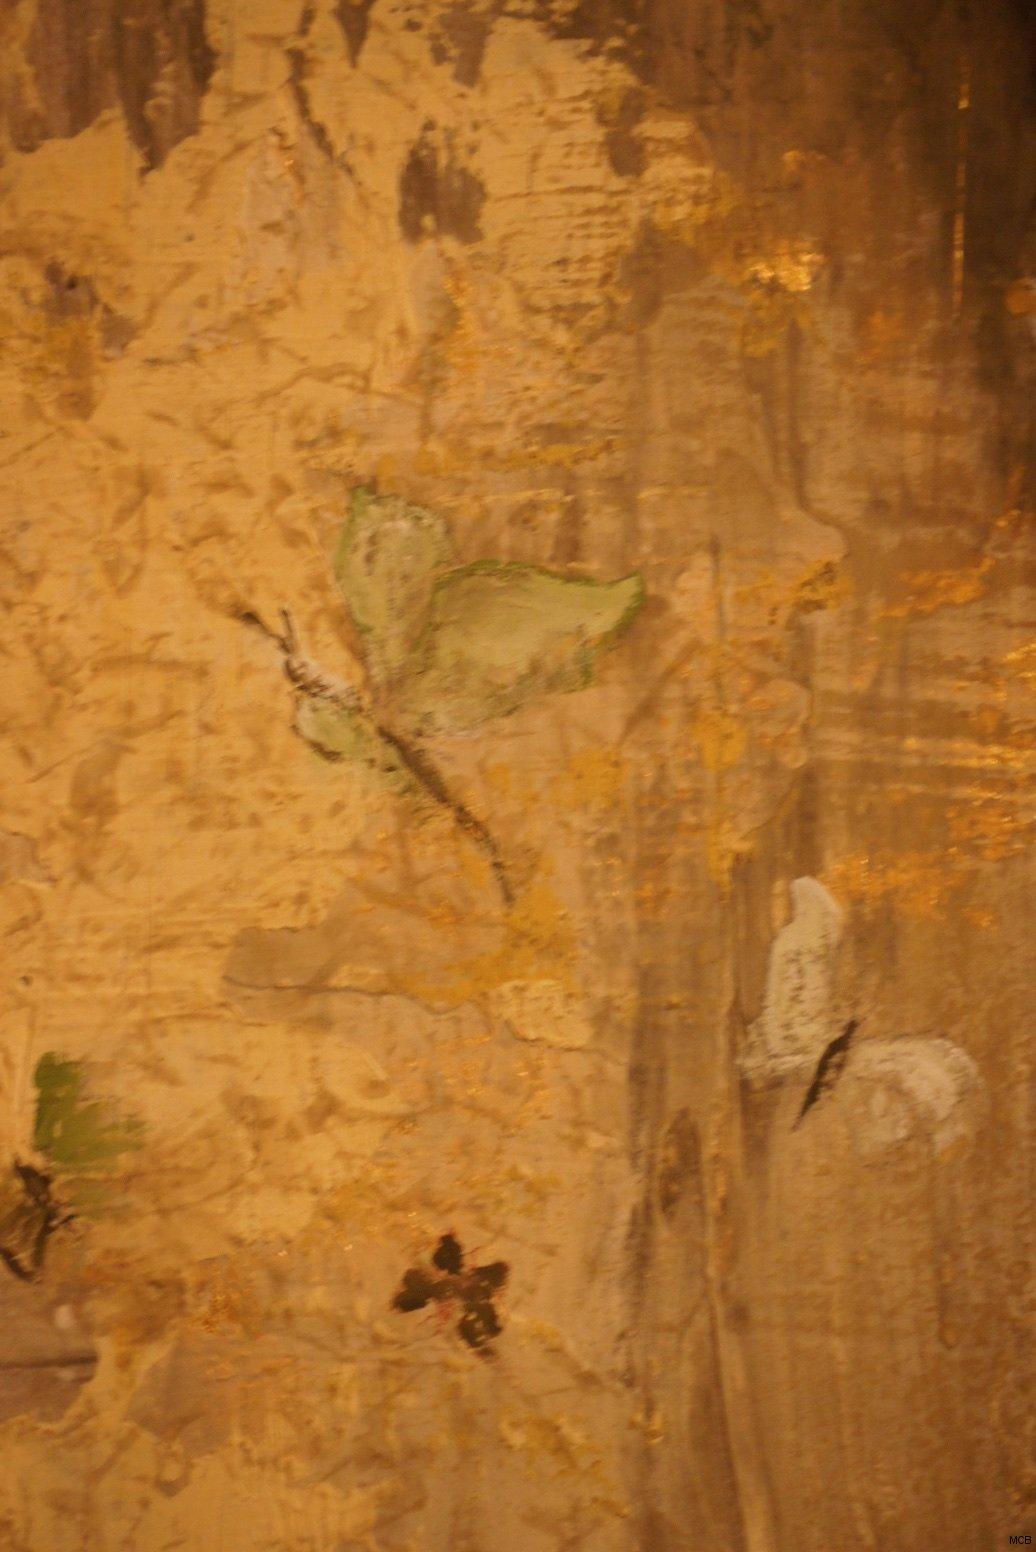 Libellule posée sur un mur